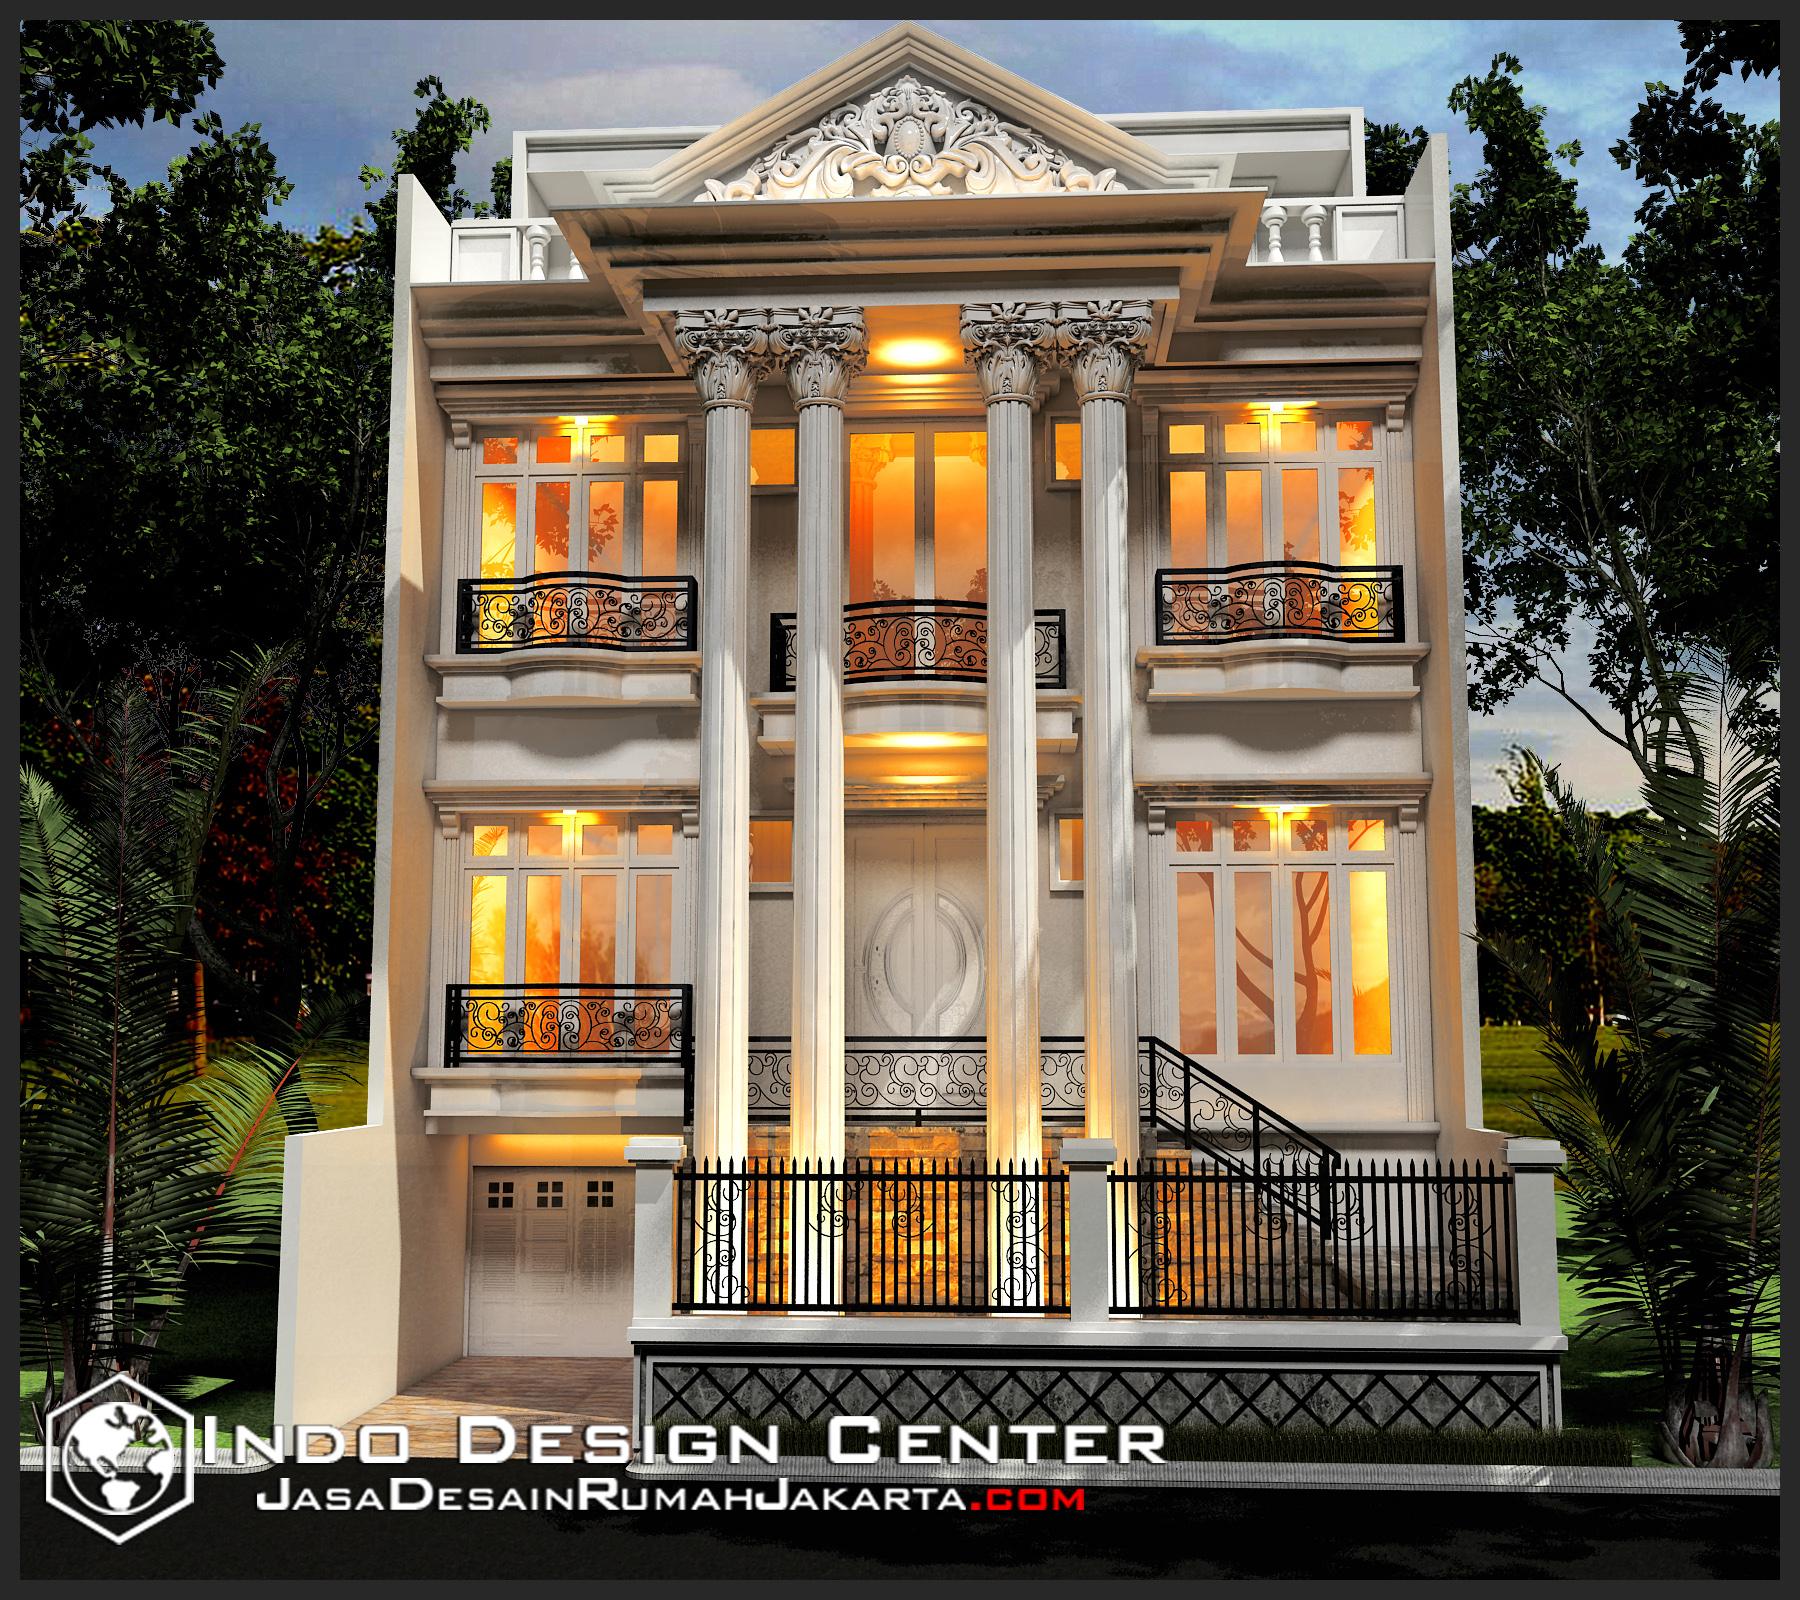 Gambar Rumah Mewah Klasik Ibu Elisa, Jasa Desain Rumah Jakarta